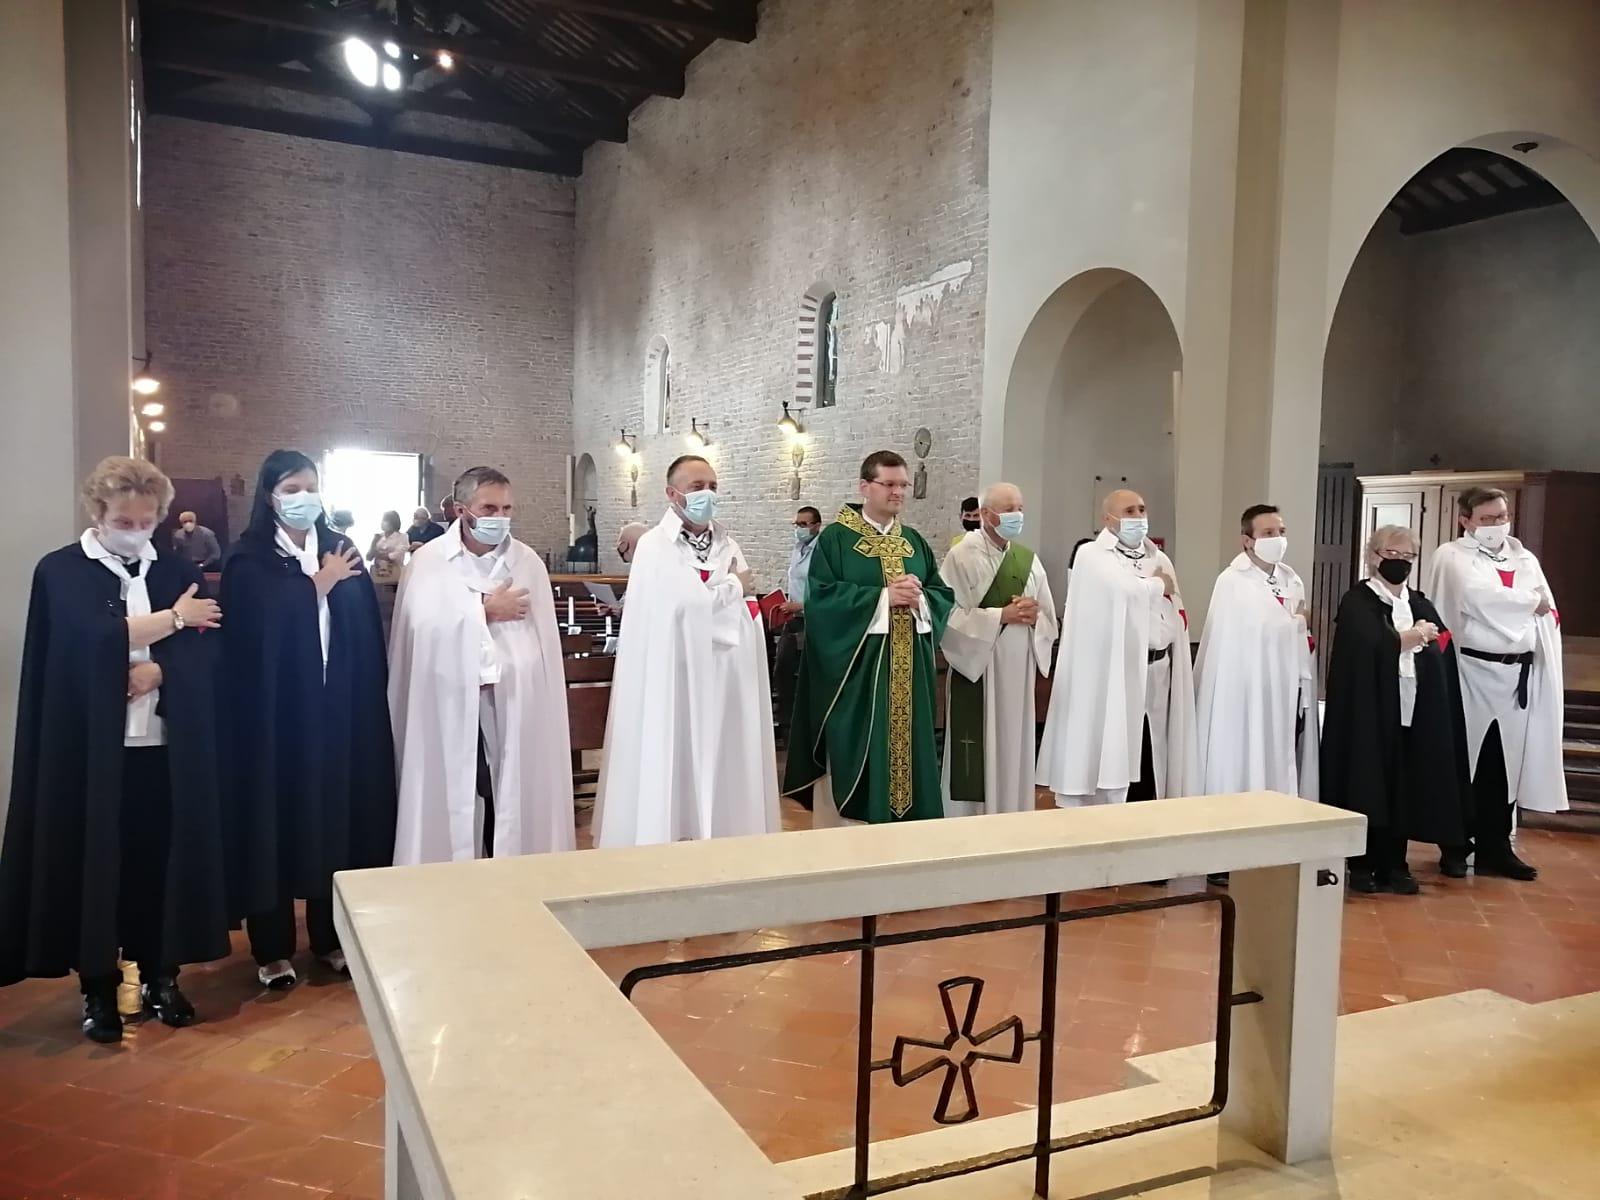 Teilnahme an der Heiligen Messe – Kirche von San Giovanni Battista in Tempio – Ormelle(TV) 04.07.2021